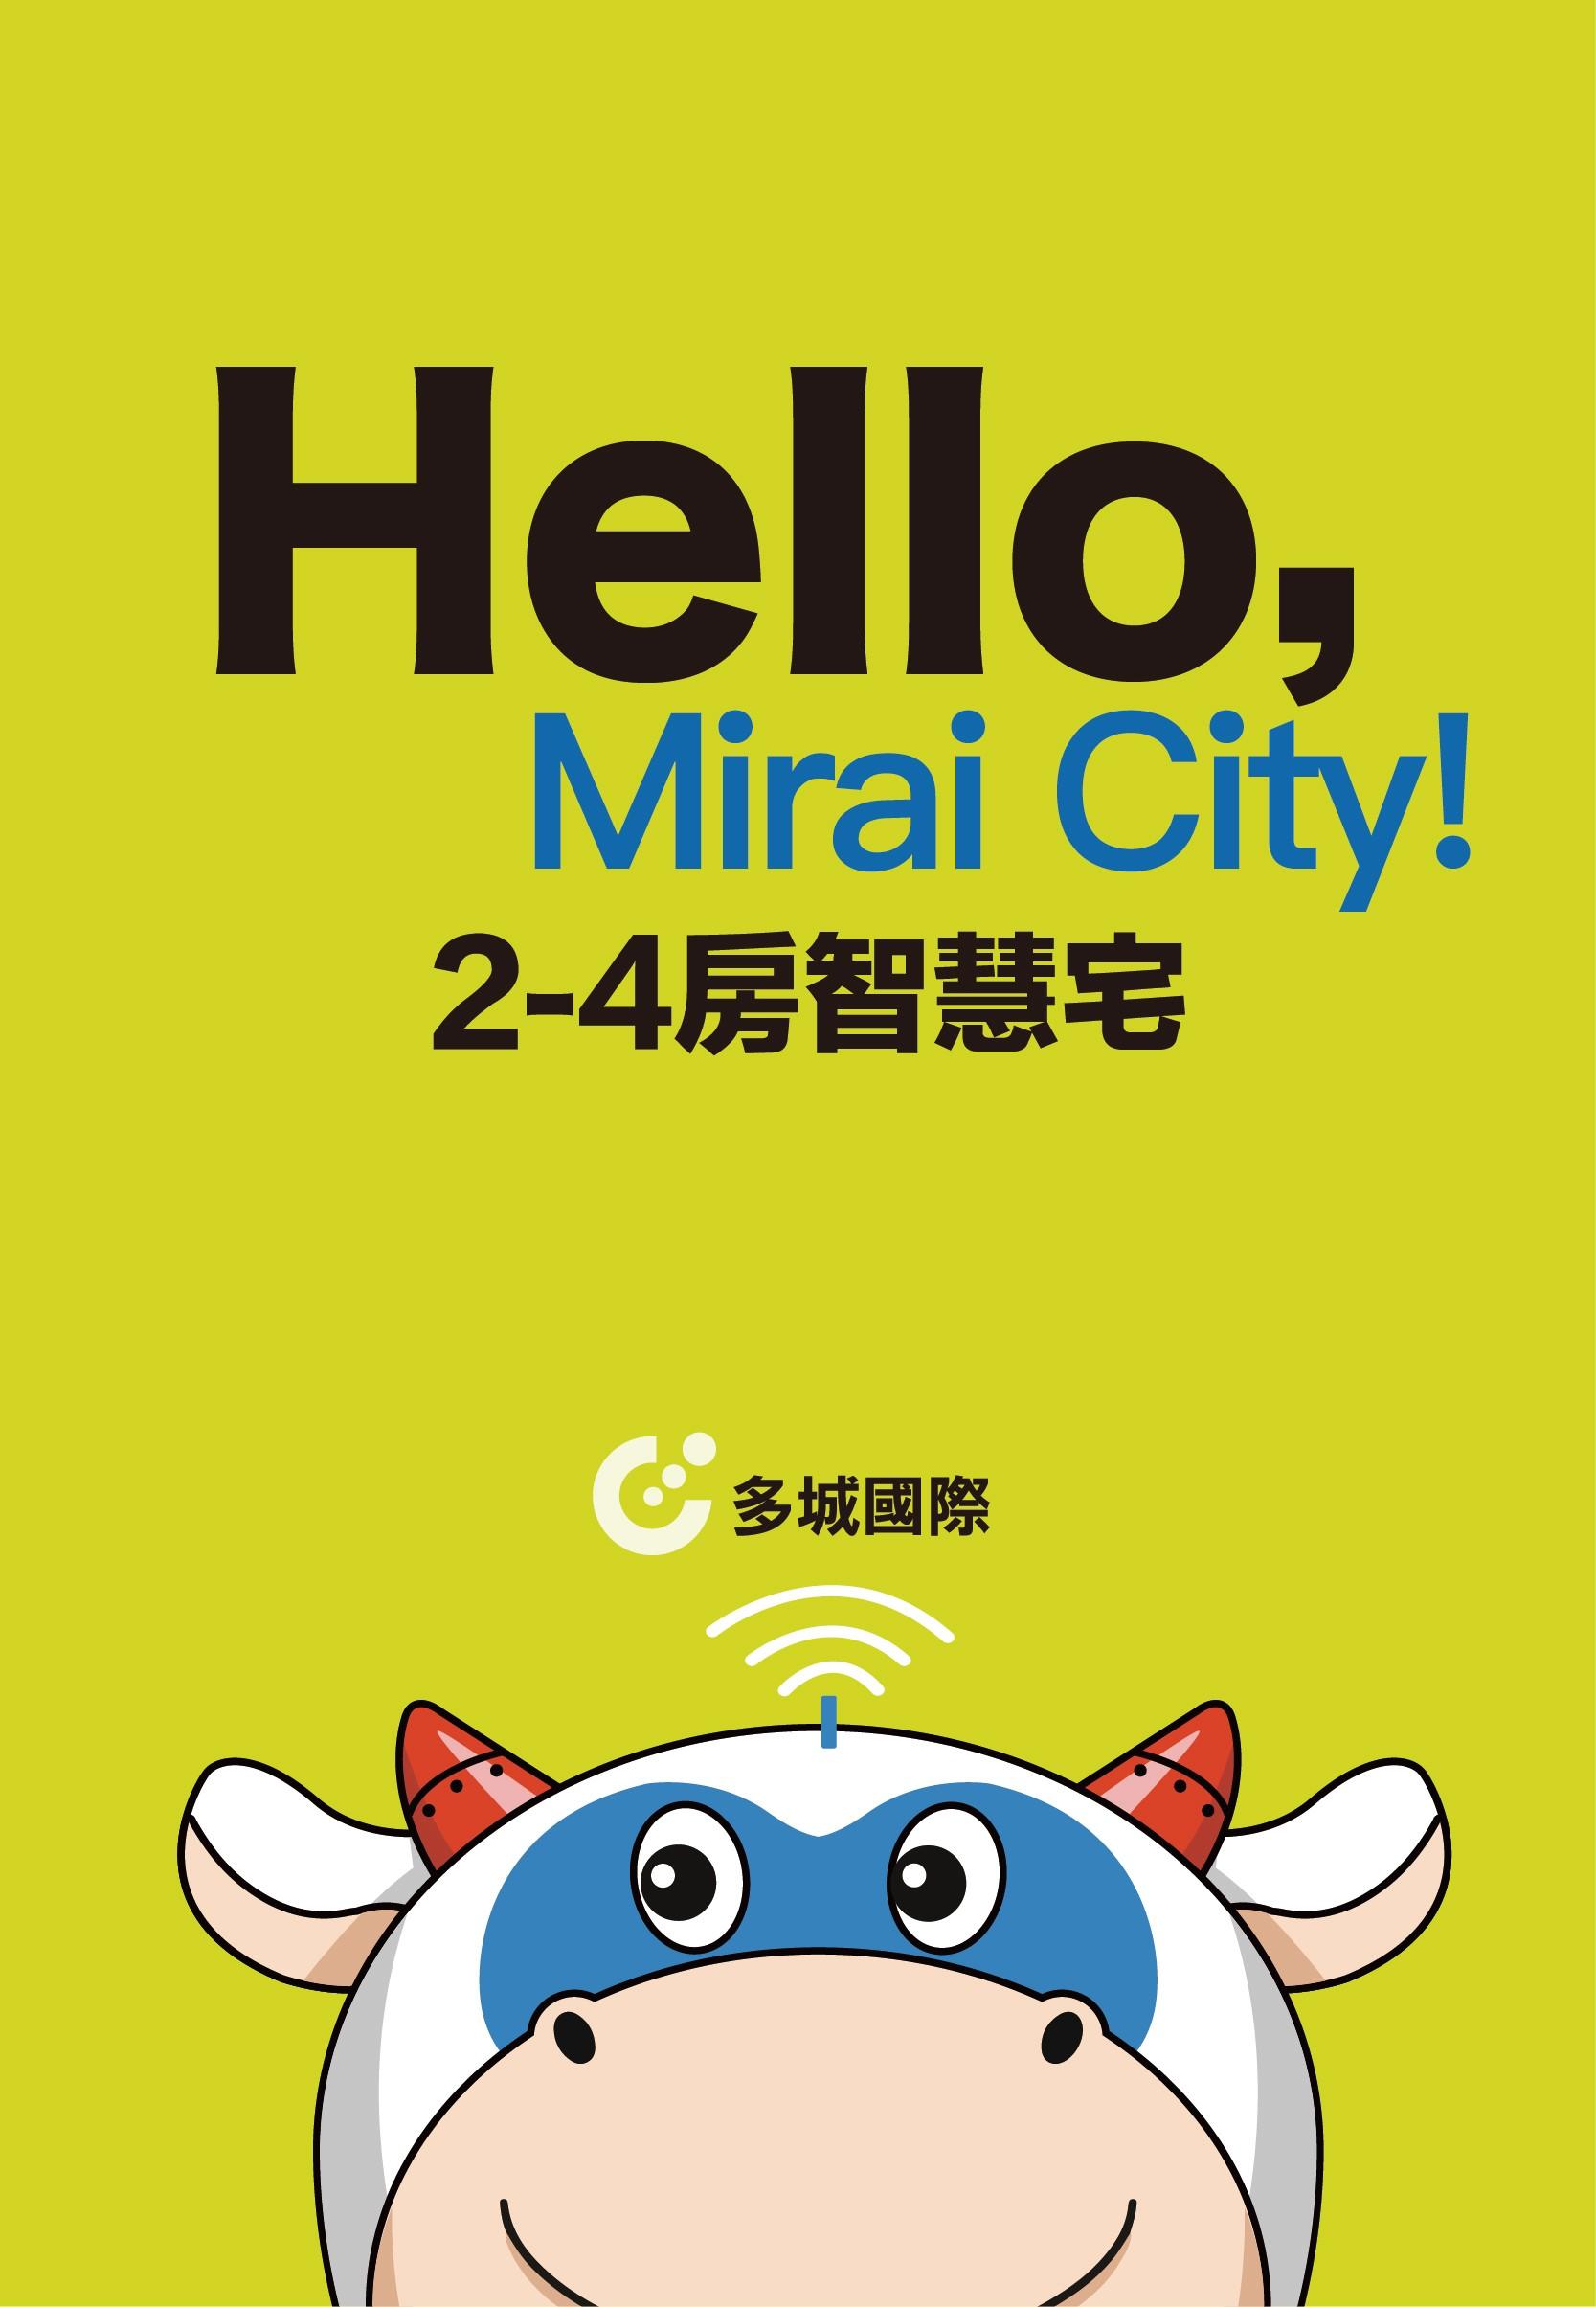 多城市_Hello Mirai City